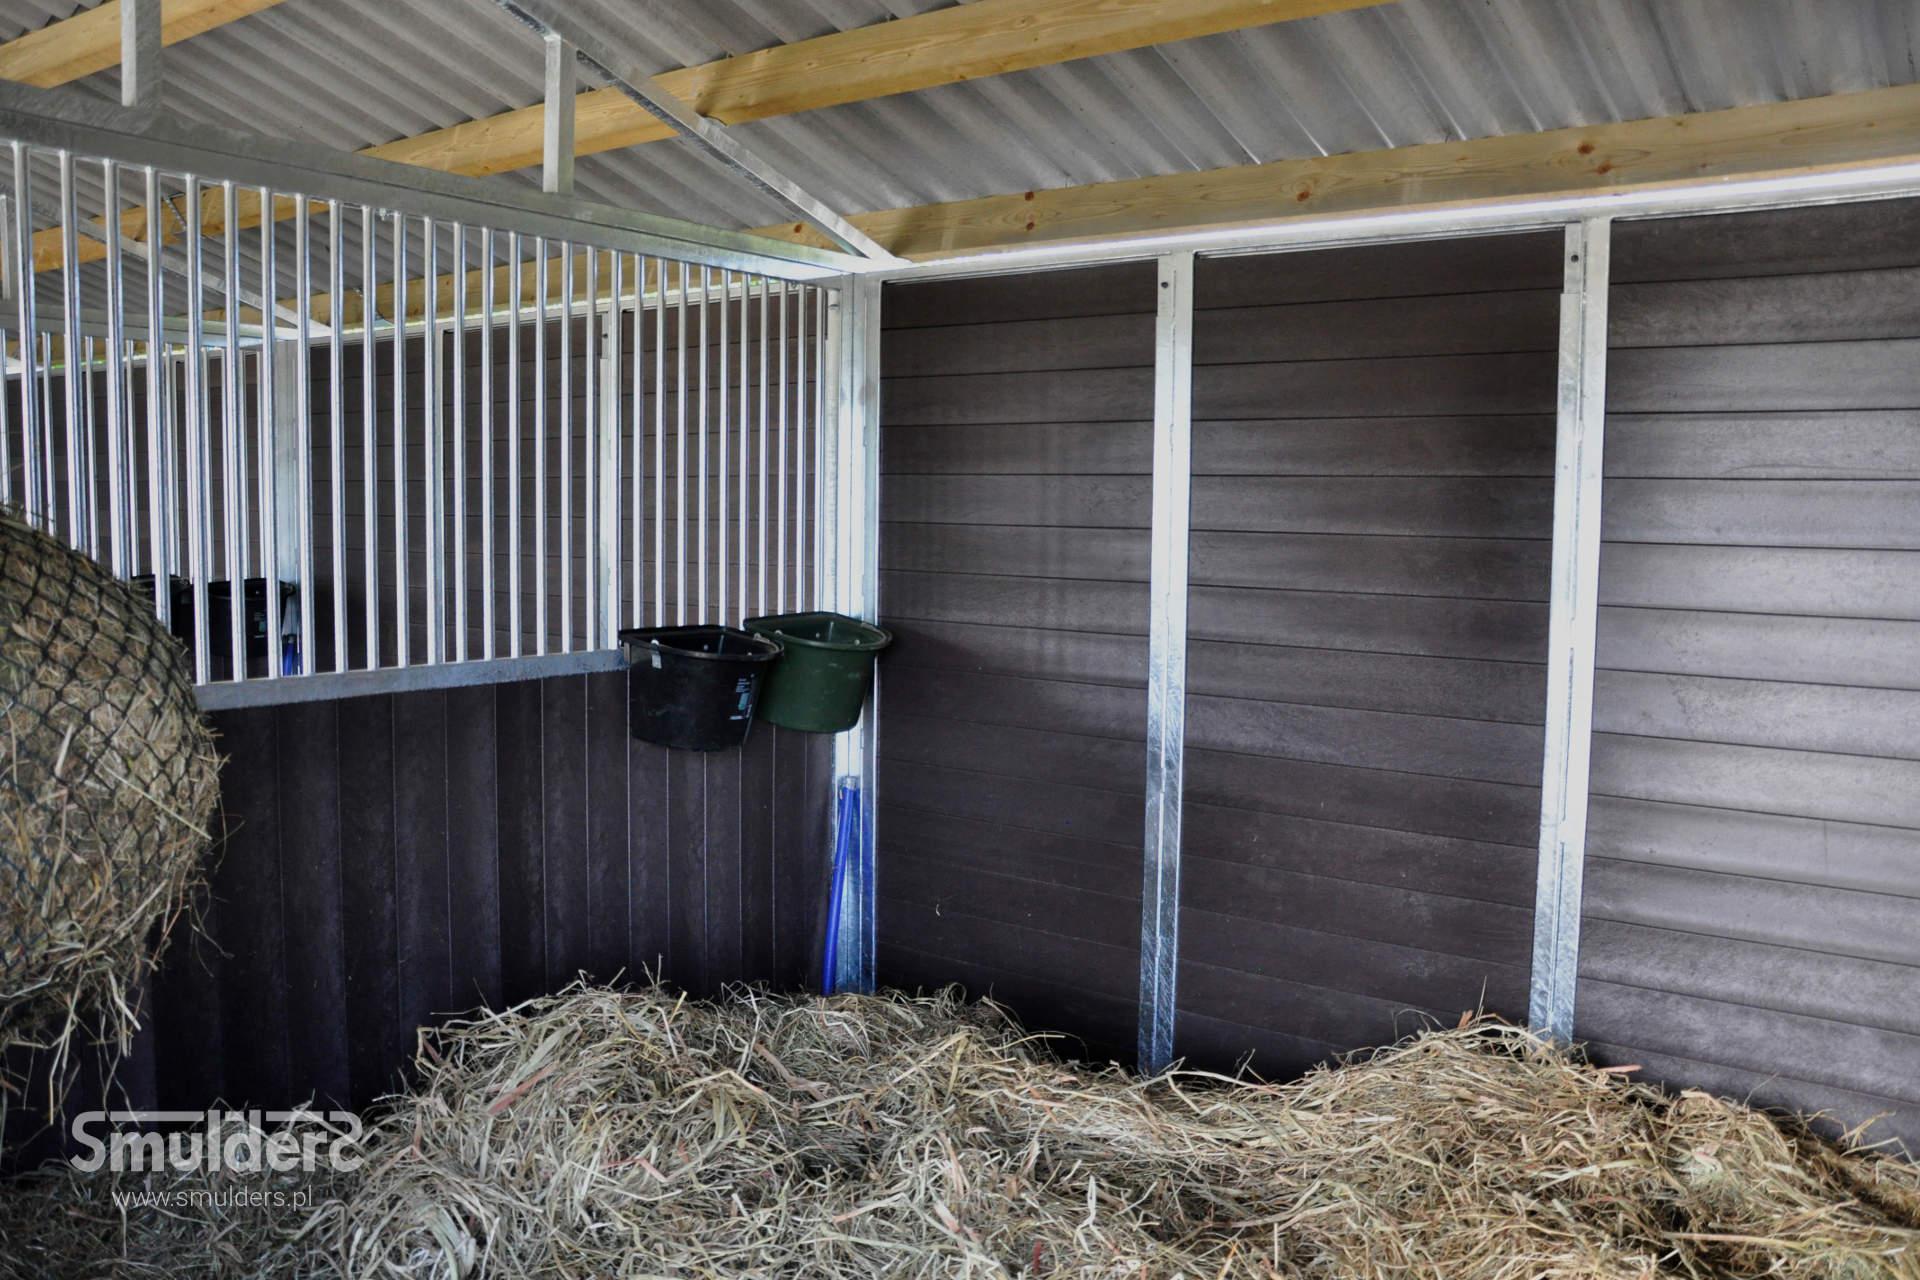 https://www.smulders.pl/wp-content/uploads/2019/07/f012_outdoor-stables_KCN_SMULDERS_PL.jpg